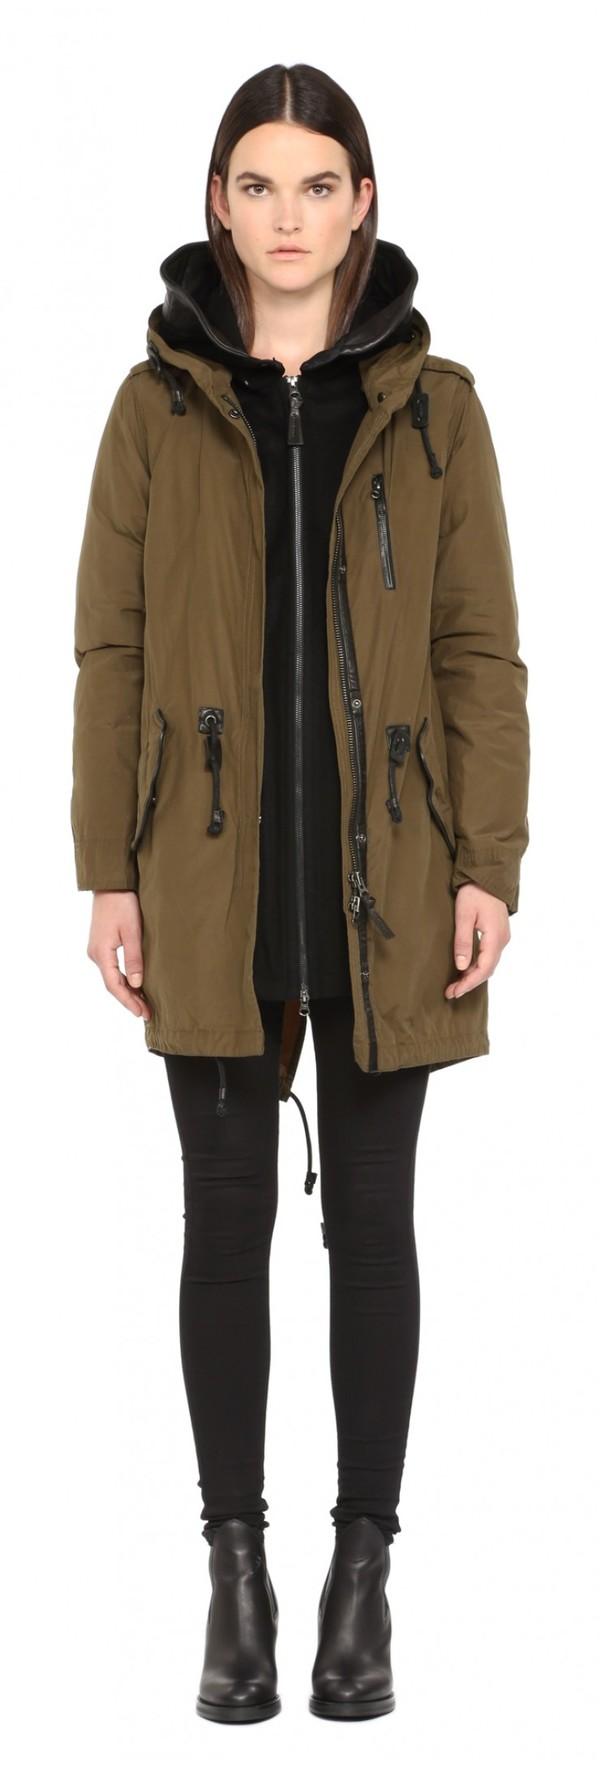 Mackage Khaki Waxed Cotton Sorrel Coat